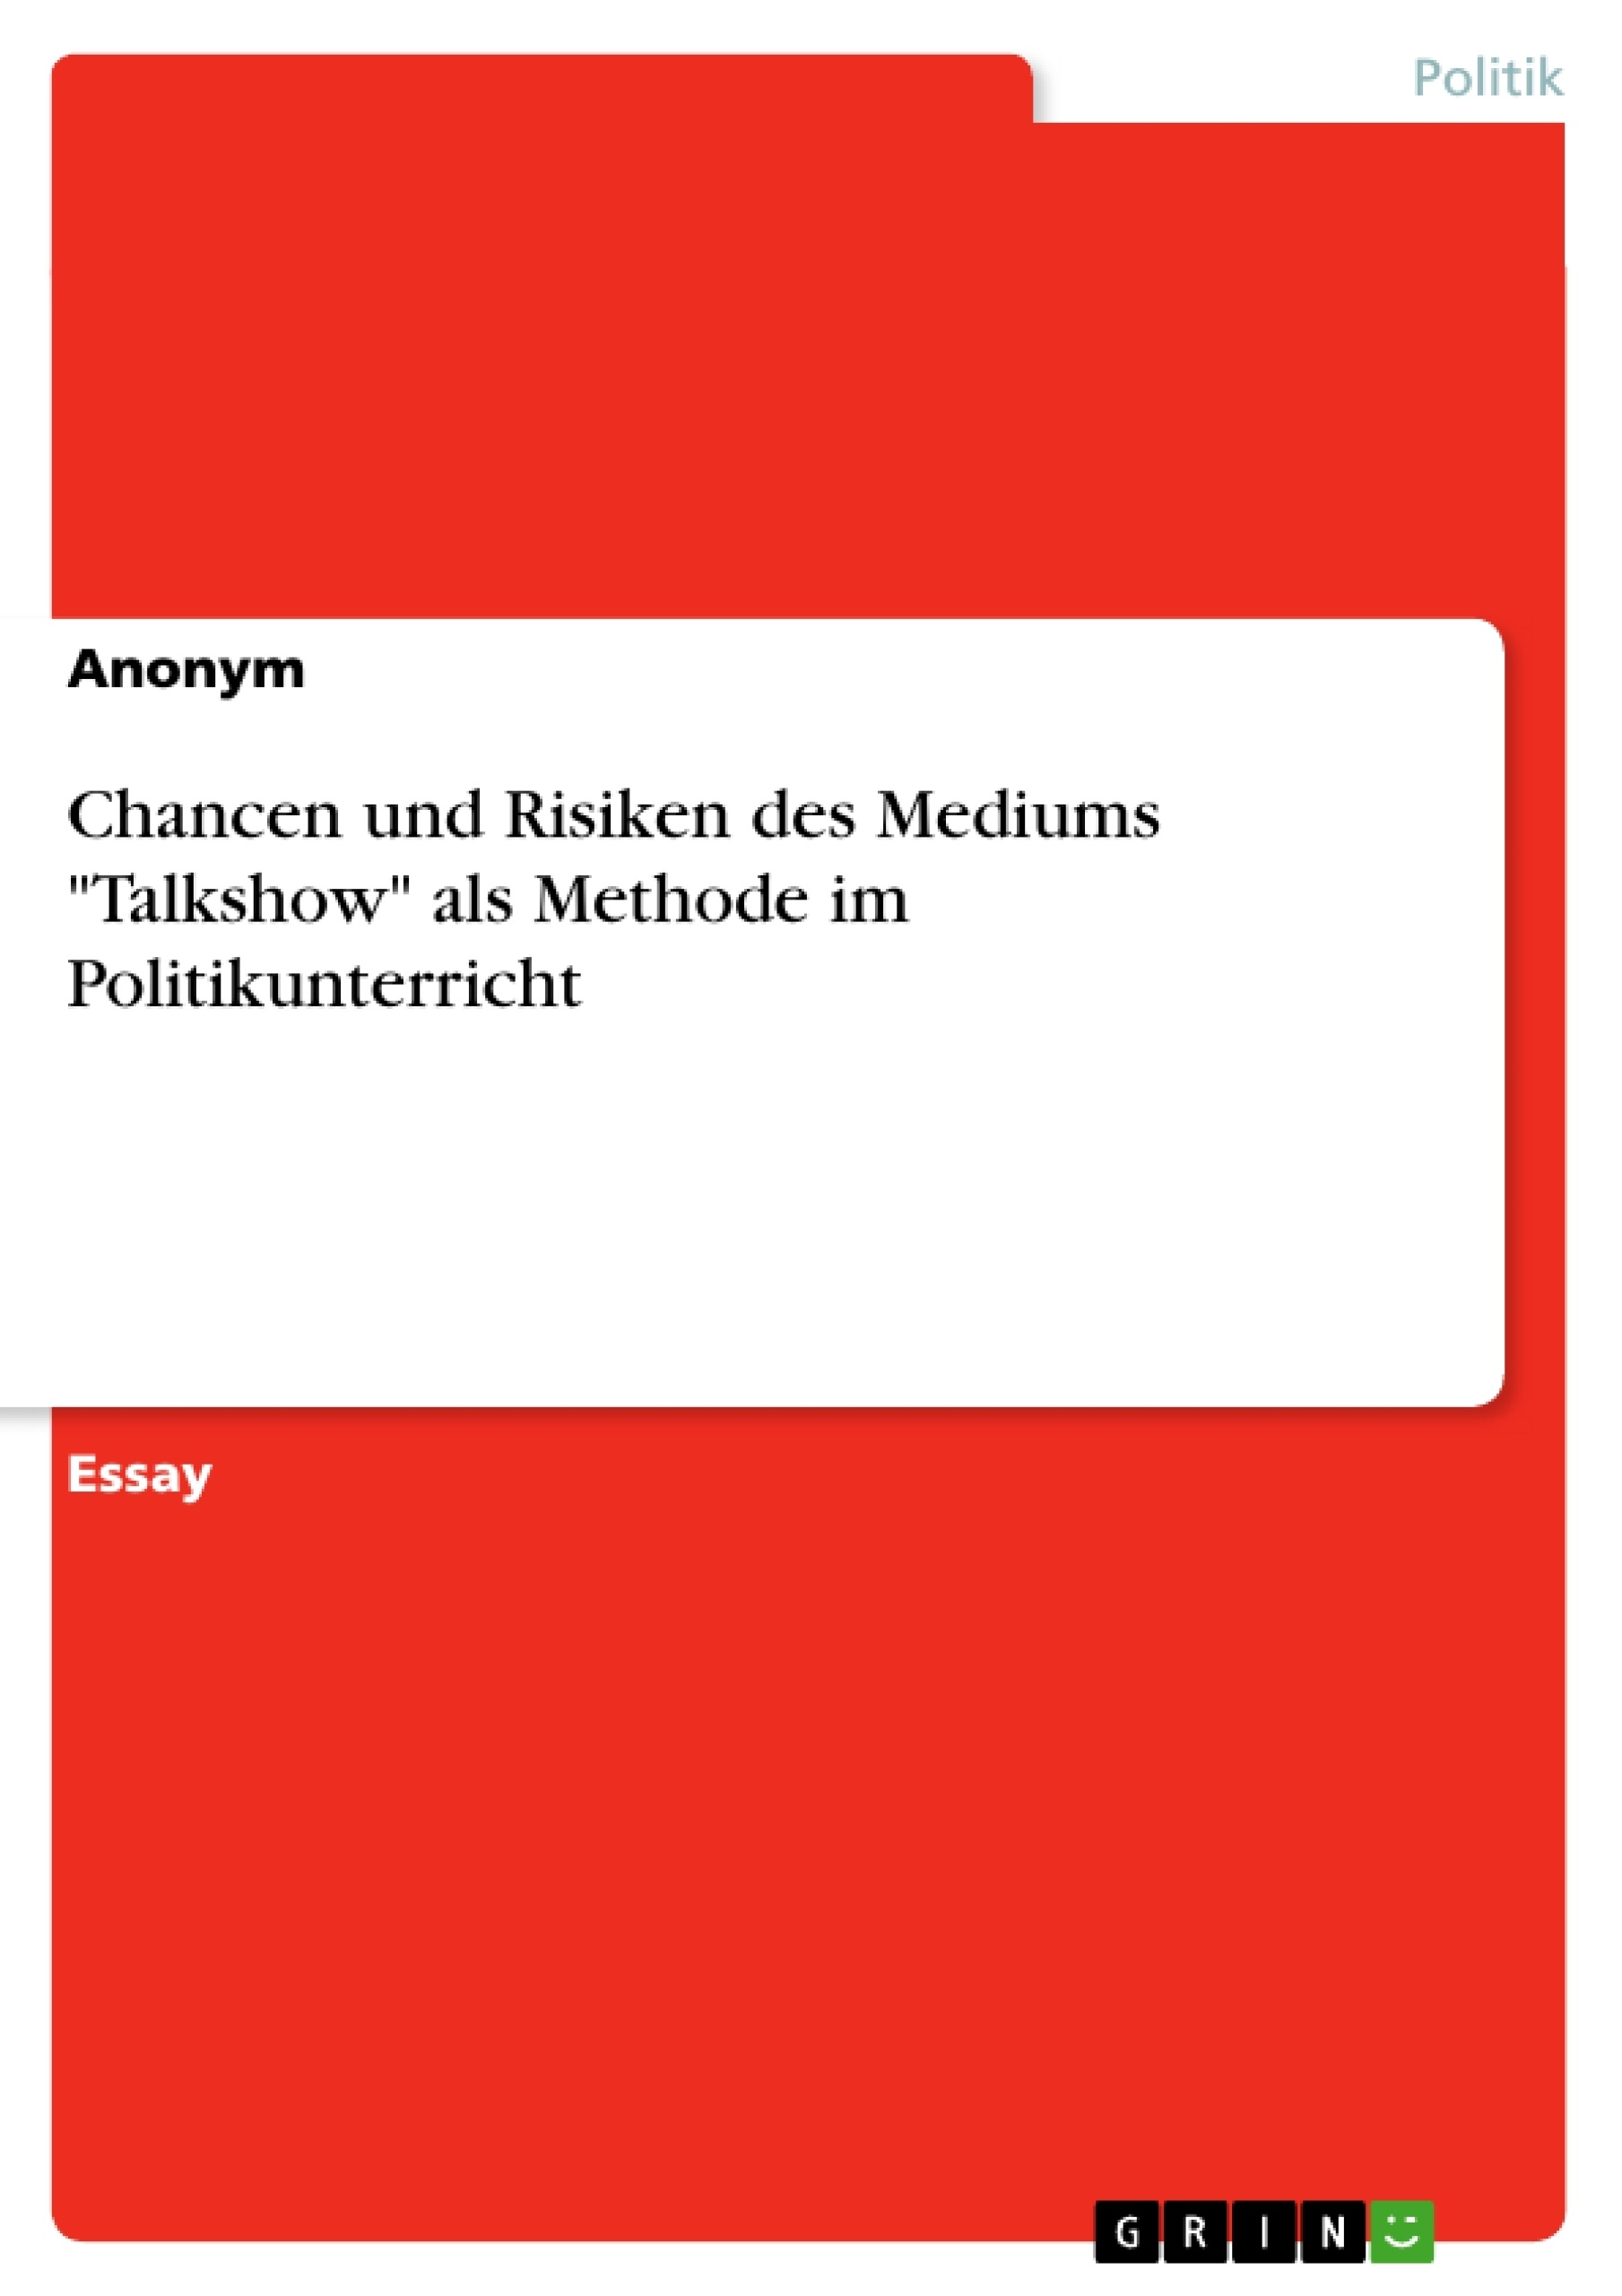 """Titel: Chancen und Risiken des Mediums """"Talkshow"""" als Methode im Politikunterricht"""